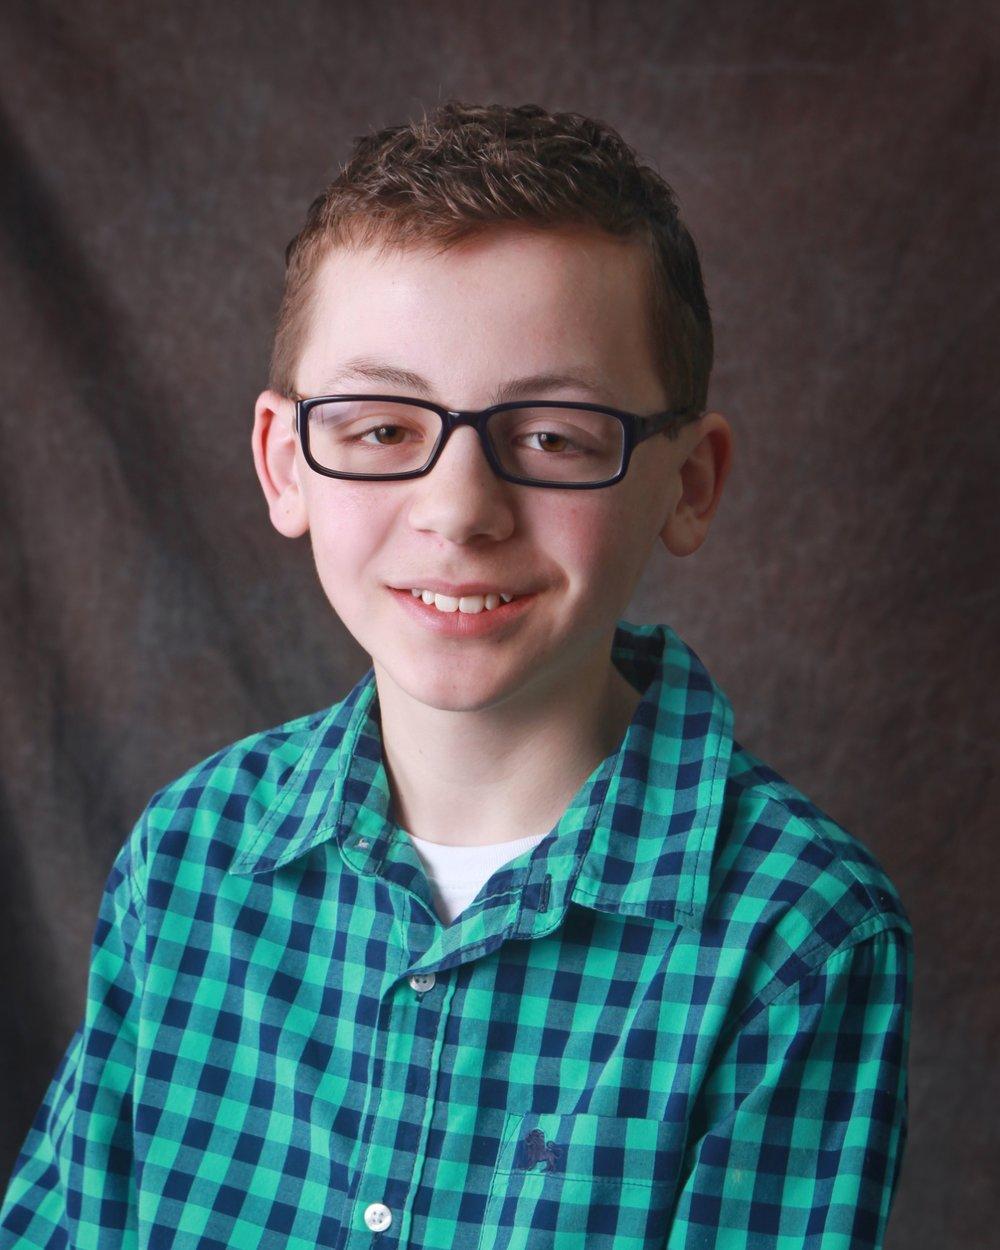 Tanner Vea, 13, JOsephine